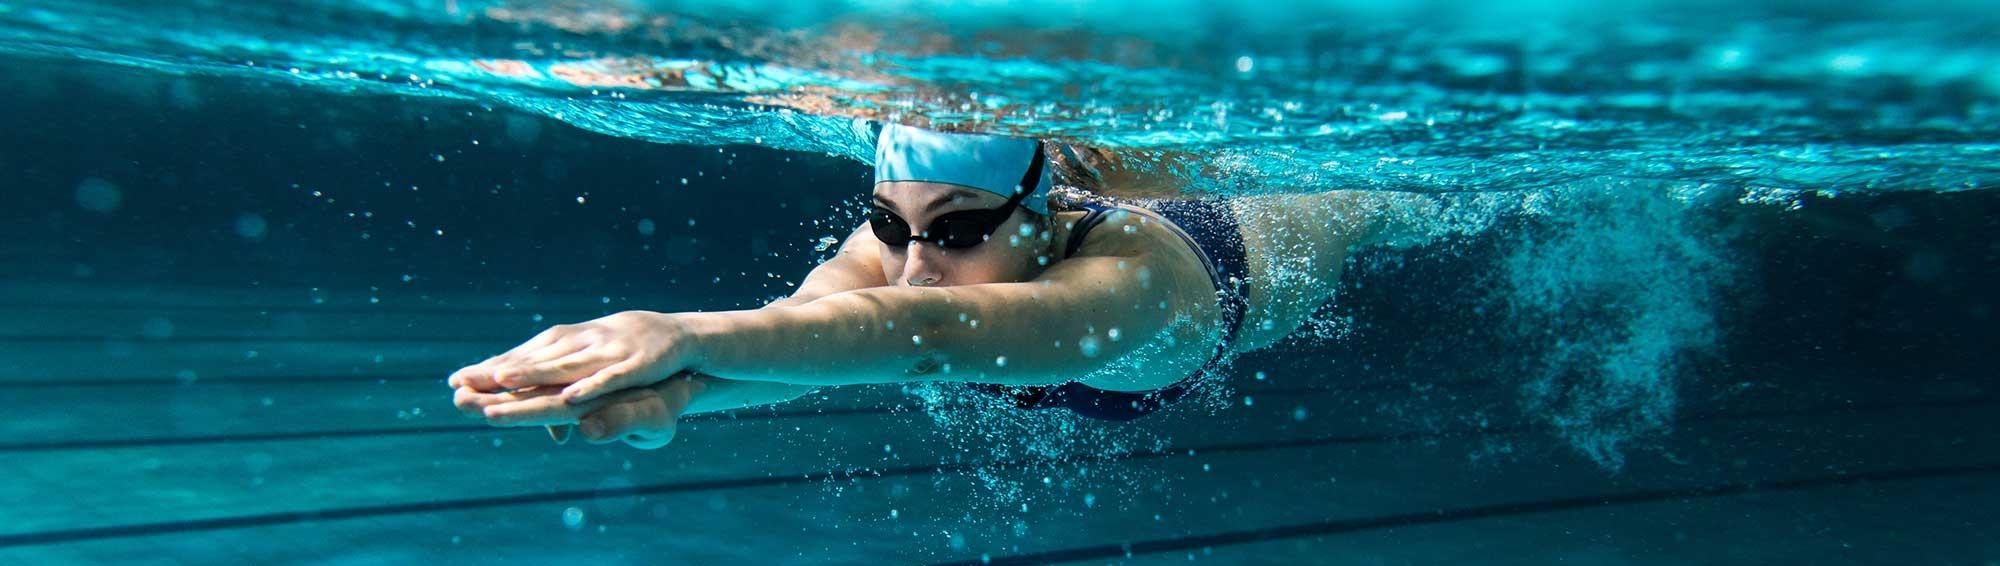 0399e36cf714 La Piscina comunale di Castelfranco Veneto: il luogo ideale corsi nuoto